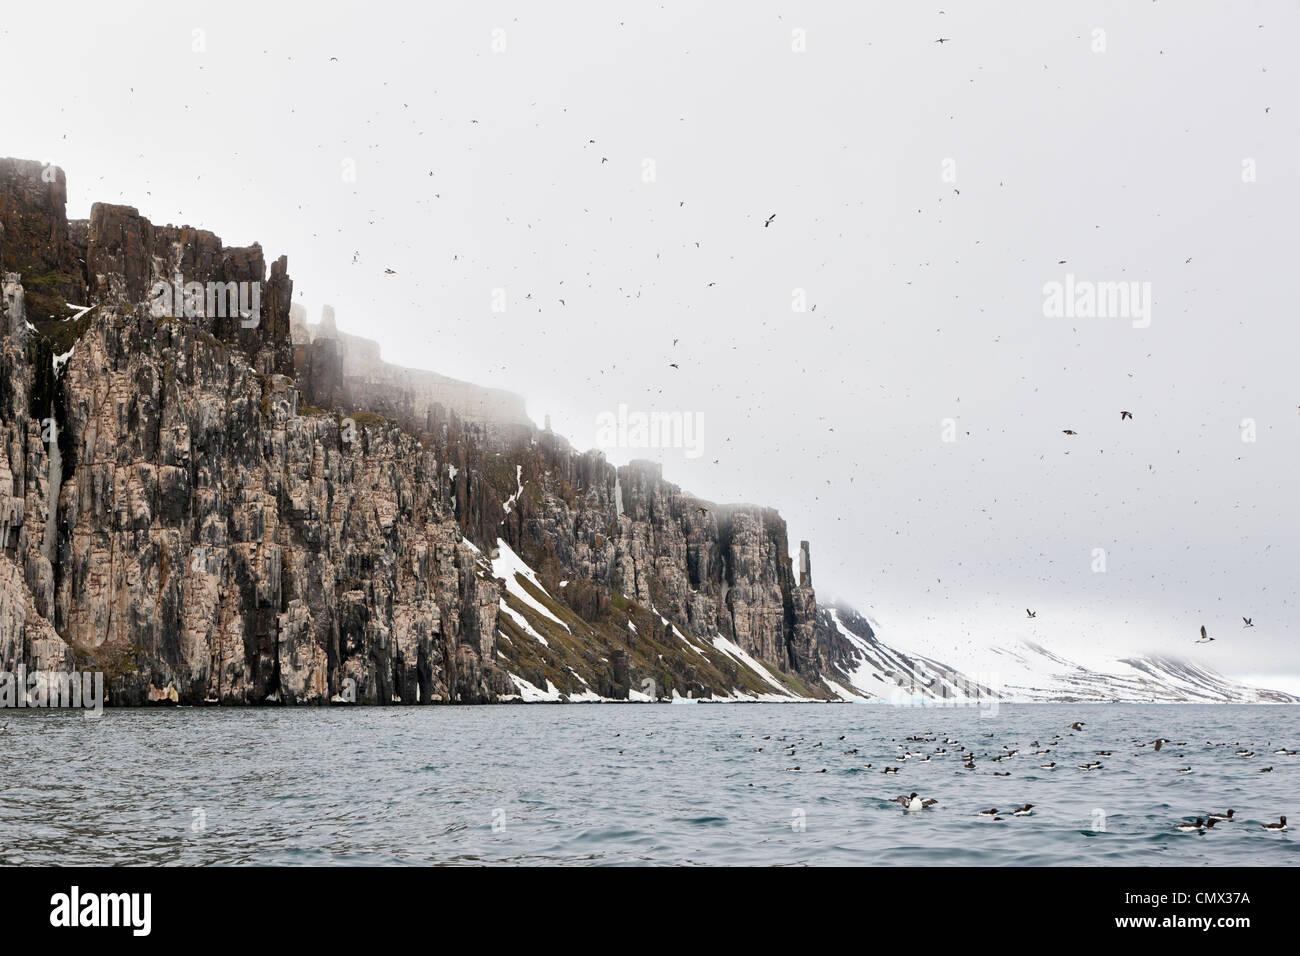 L'Europe, Norvège, Spitzberg, Svalbard, Groupe de mergule flying Banque D'Images